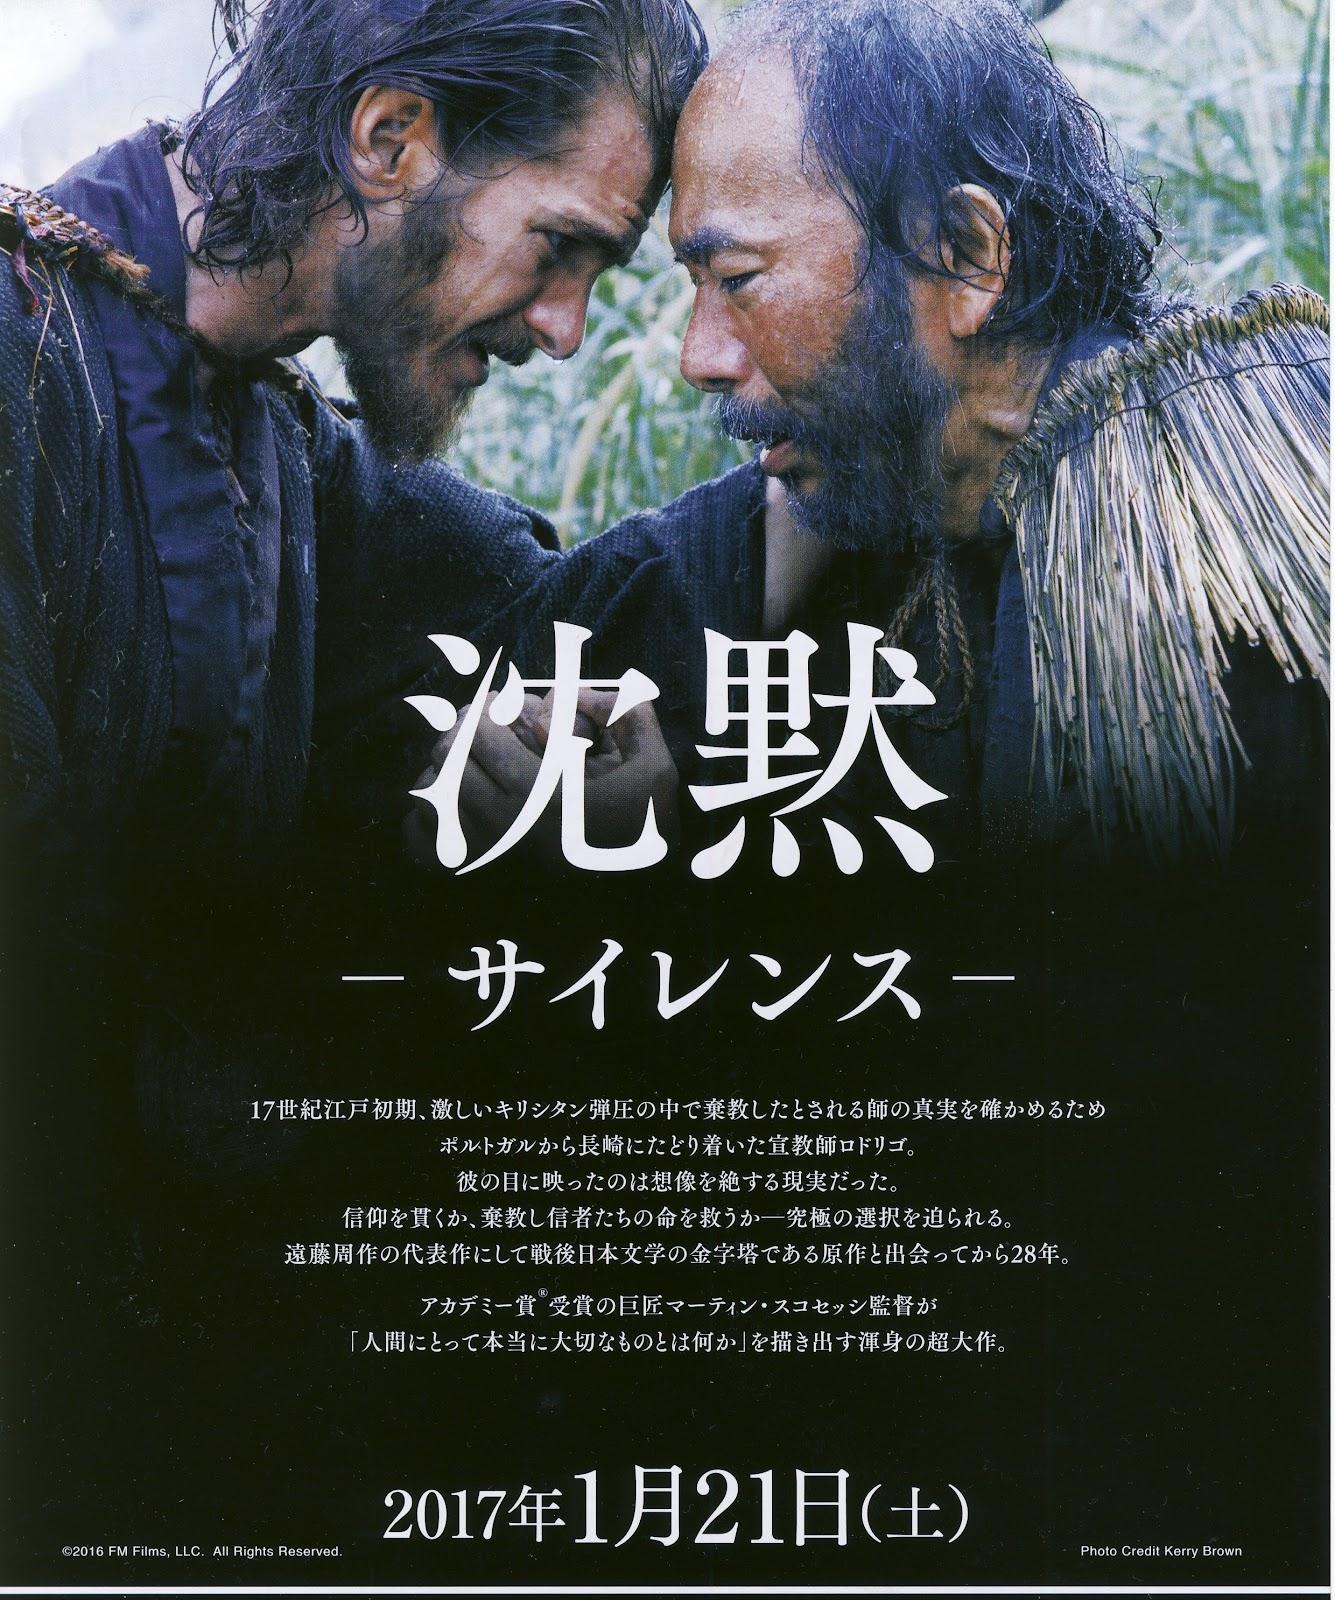 「沈黙 映画」の画像検索結果